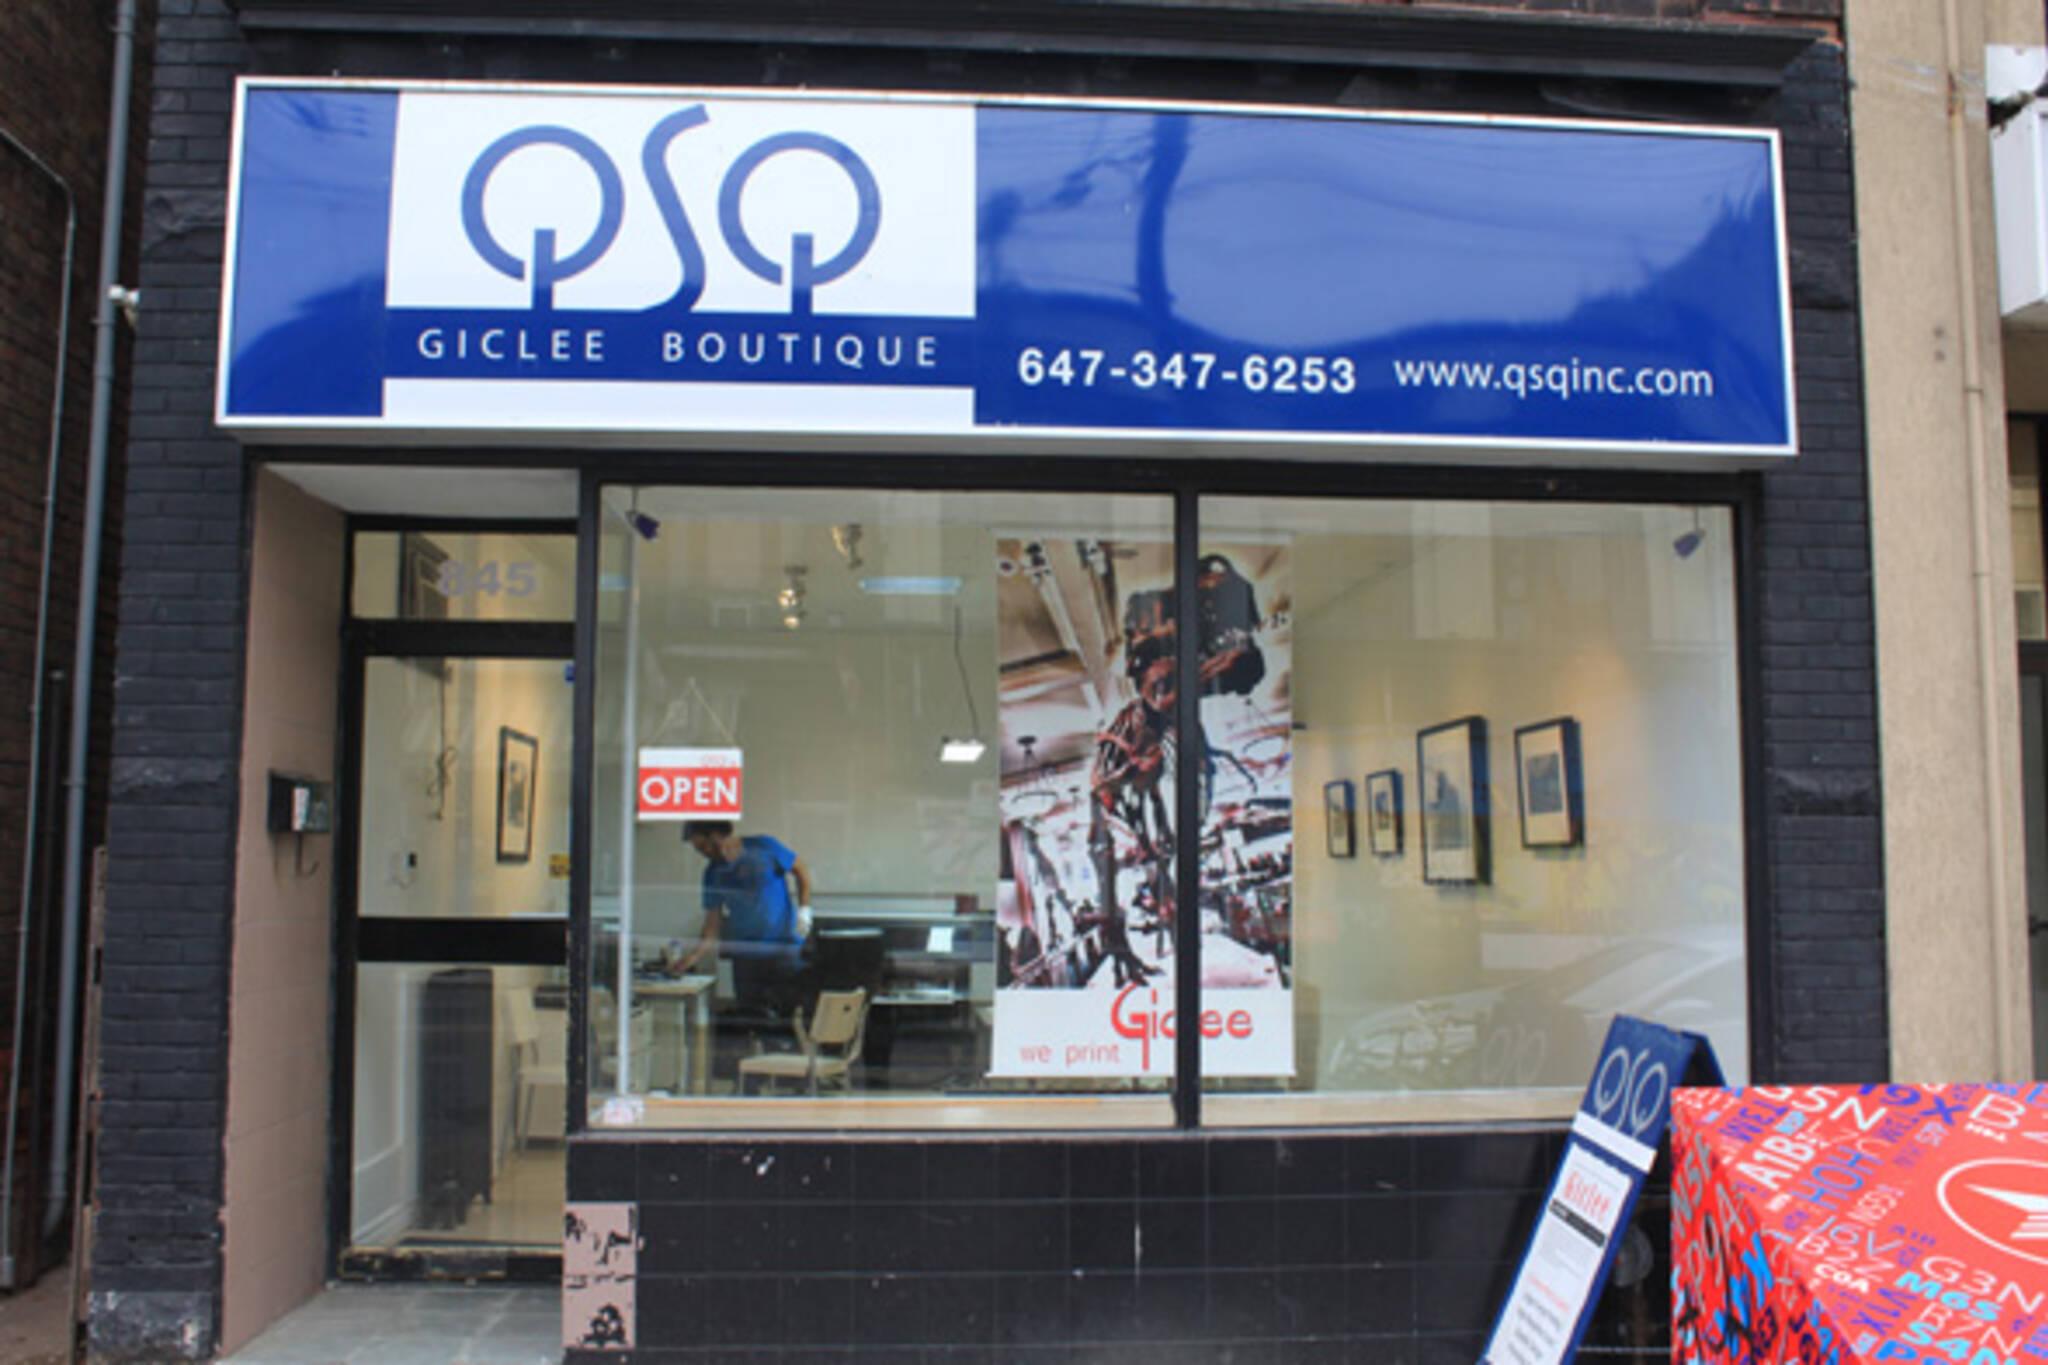 QSQ Giclee Boutique Toronto